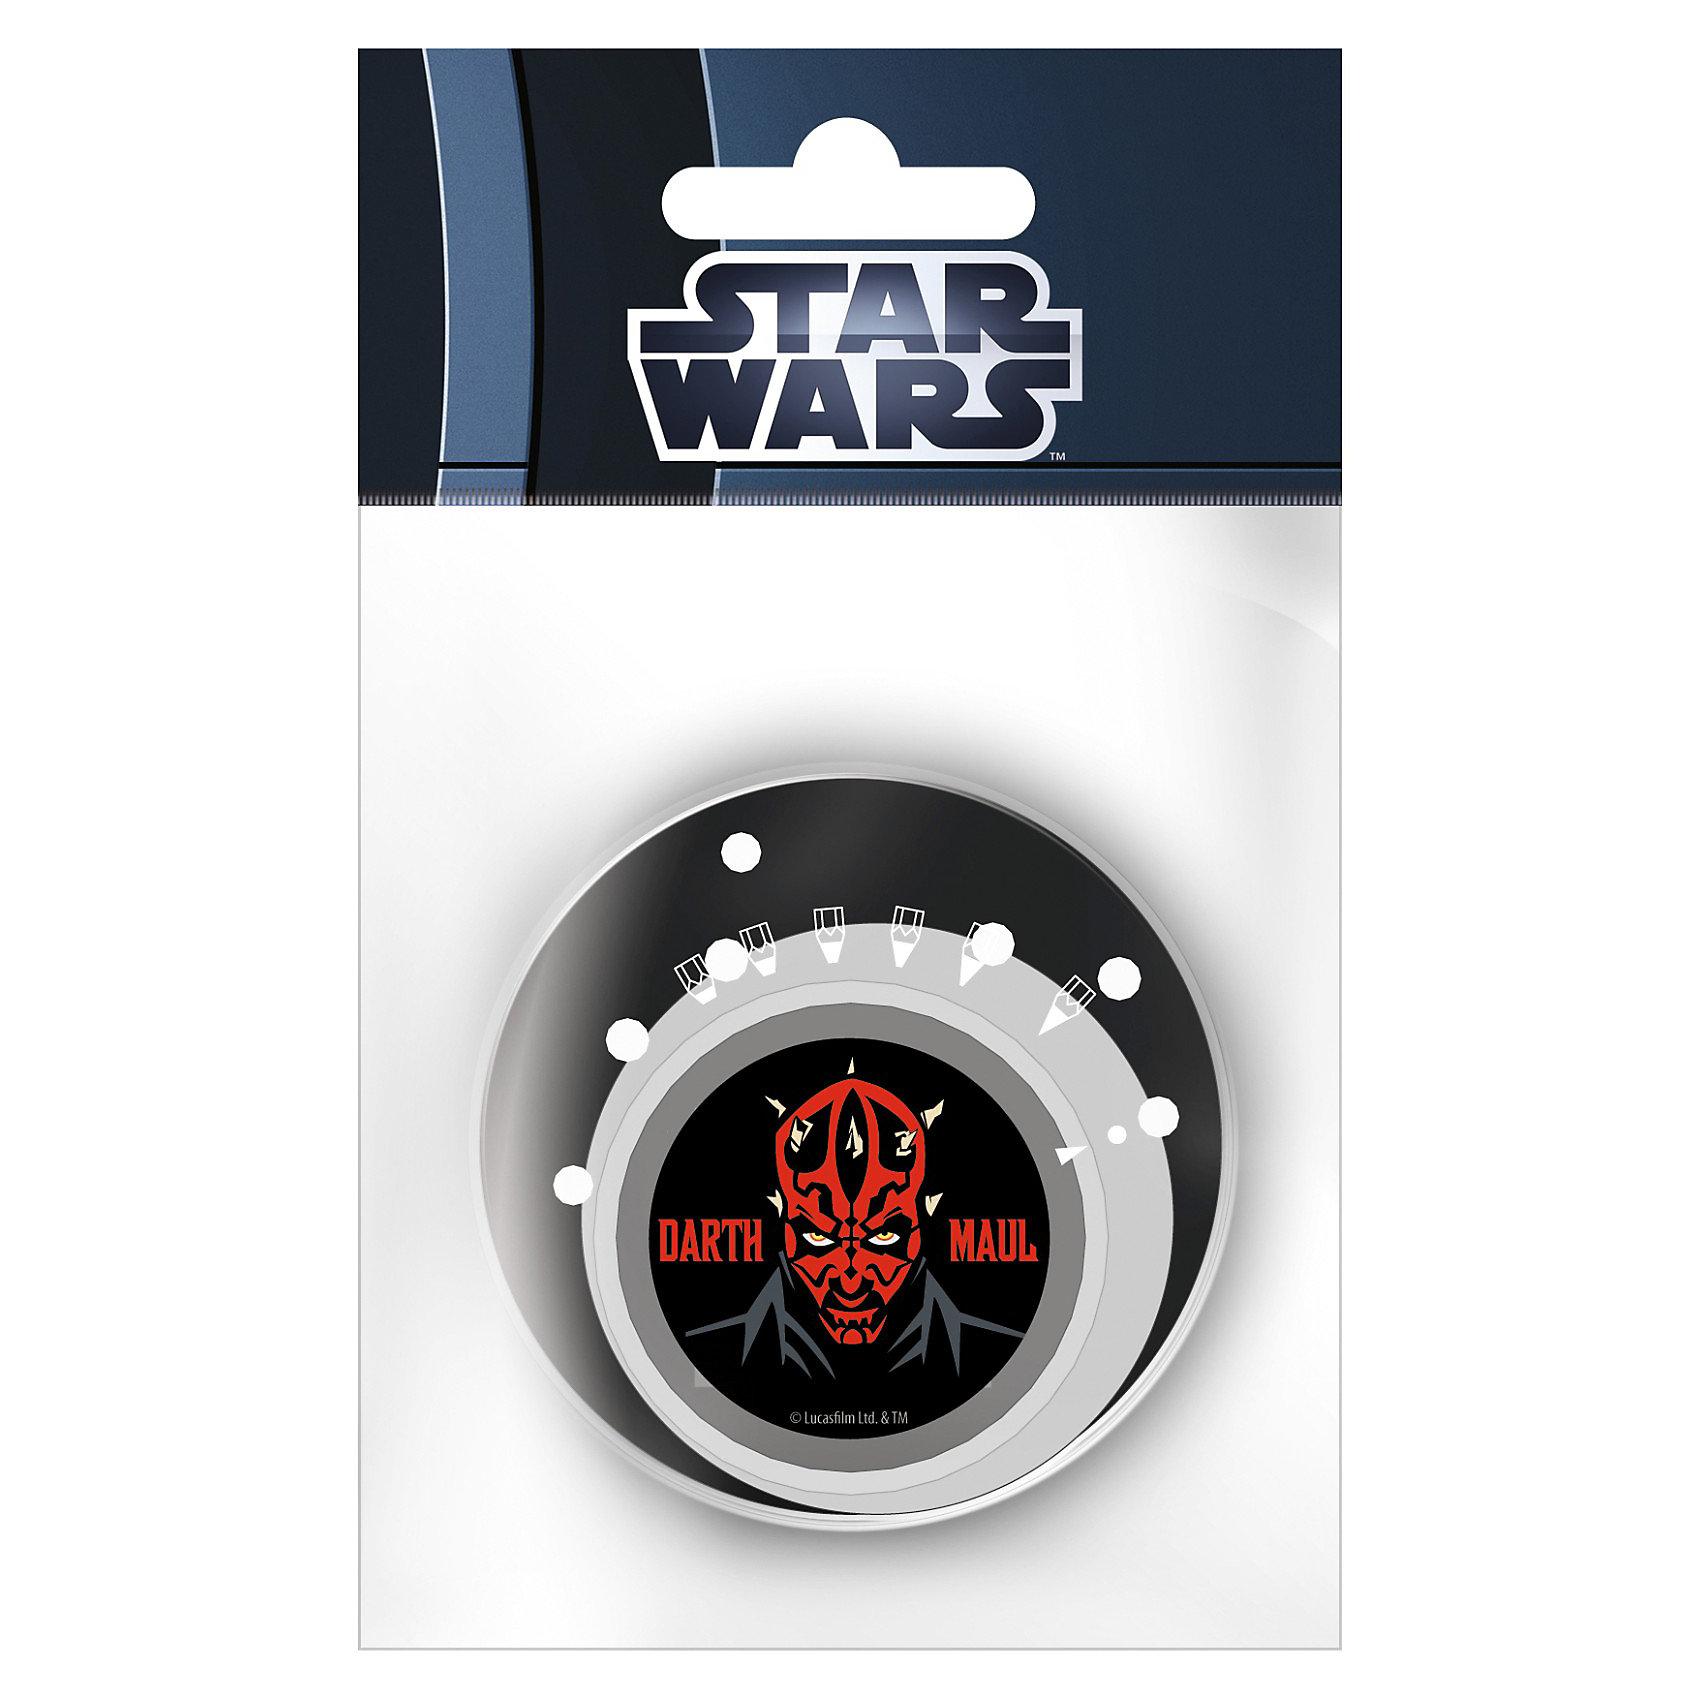 Точилка с изменяемым углом заточки, Star WarsЗвездные войны Товары для фанатов<br>Точилка с изменяемым углом заточки Star Wars (Звездные войны) станет замечательным дополнением к другим канцелярским принадлежностям бренда Star Wars. Точилка оформлена в стиле знаменитой киноэпопеи Звездные войны и поможет всегда качественно заточить карандаши. Точилка имеет 6 вариантов заточки грифеля карандаша. Чтобы выбрать желаемую толщину грифеля, нужно повернуть стрелку, изображенную на корпусе, на нужный рисунок заточки. <br><br>Дополнительная информация:<br><br>- Материал: пластик.<br>- Размер упаковки: 10 х 8 х 2 см.<br><br>Точилку Star Wars можно купить в нашем интернет-магазине.<br><br>Ширина мм: 60<br>Глубина мм: 60<br>Высота мм: 10<br>Вес г: 50<br>Возраст от месяцев: 96<br>Возраст до месяцев: 108<br>Пол: Мужской<br>Возраст: Детский<br>SKU: 3563198